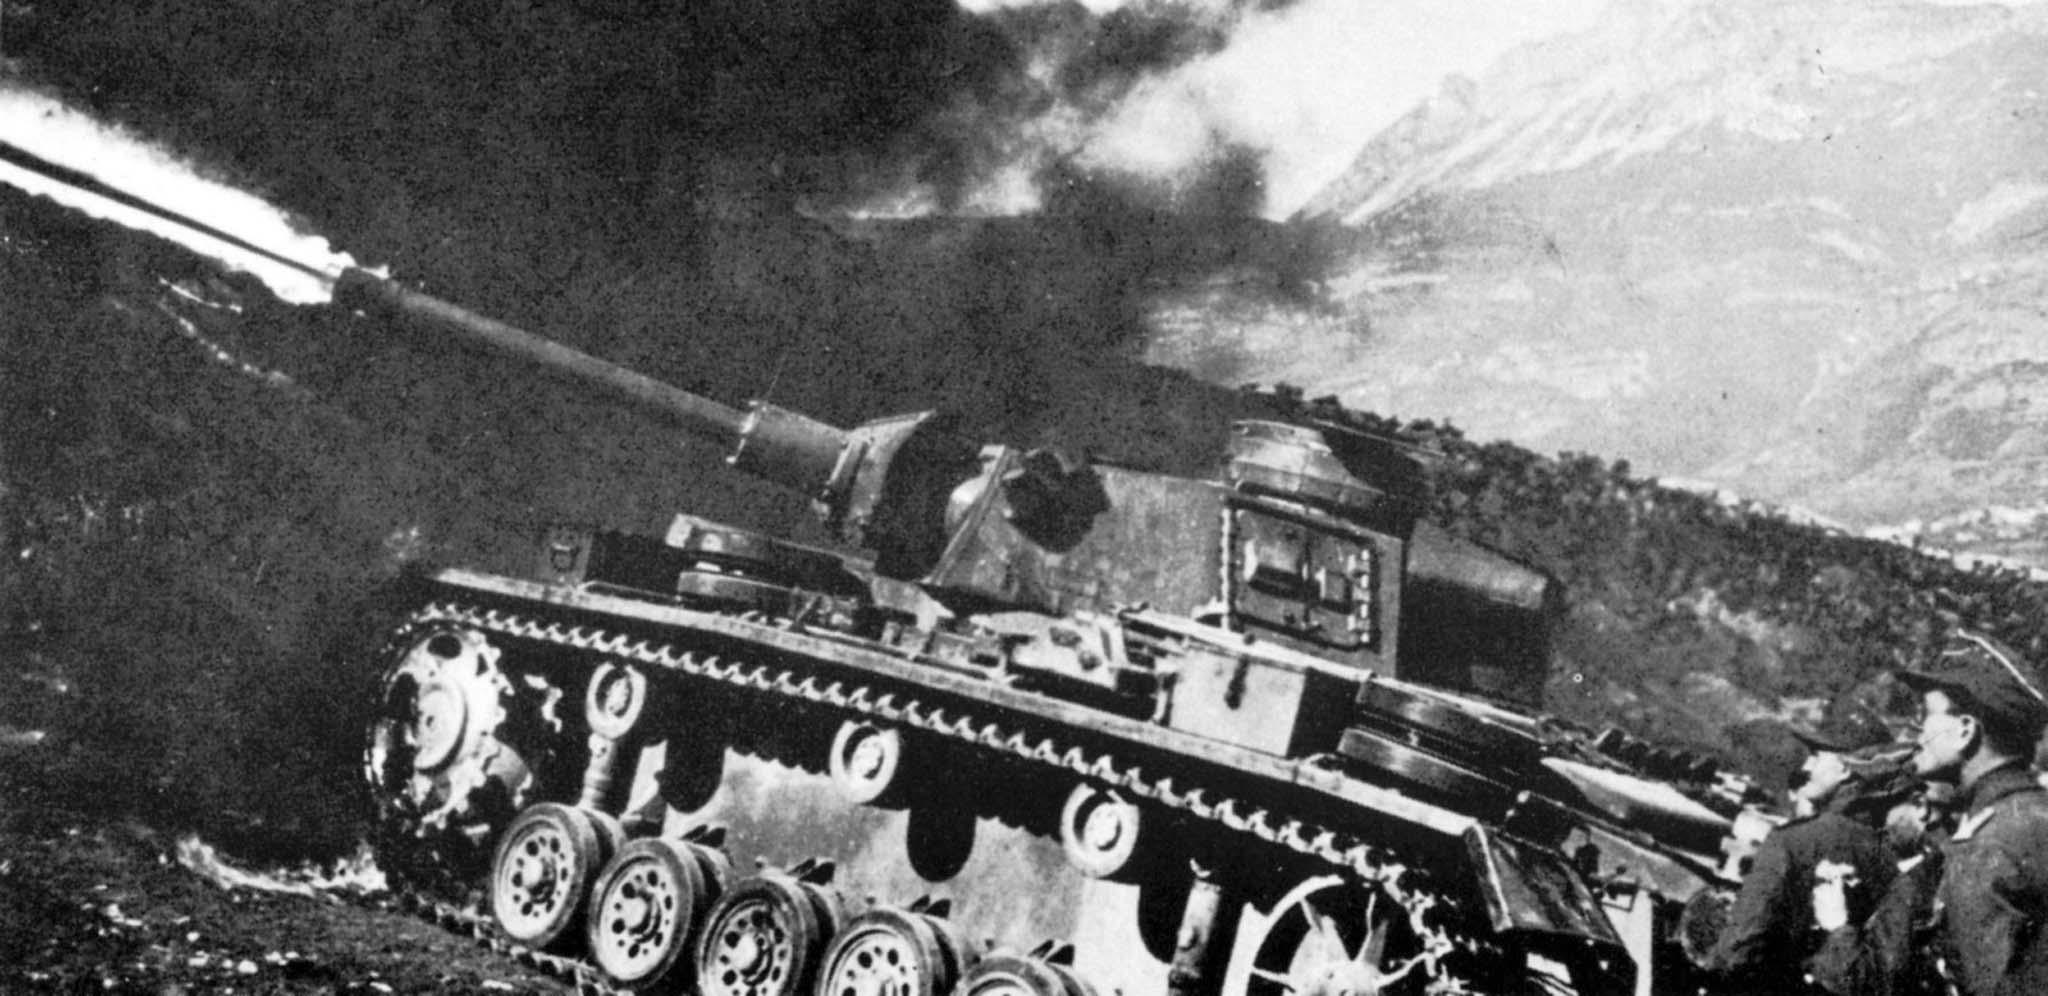 Flammenpanzer III